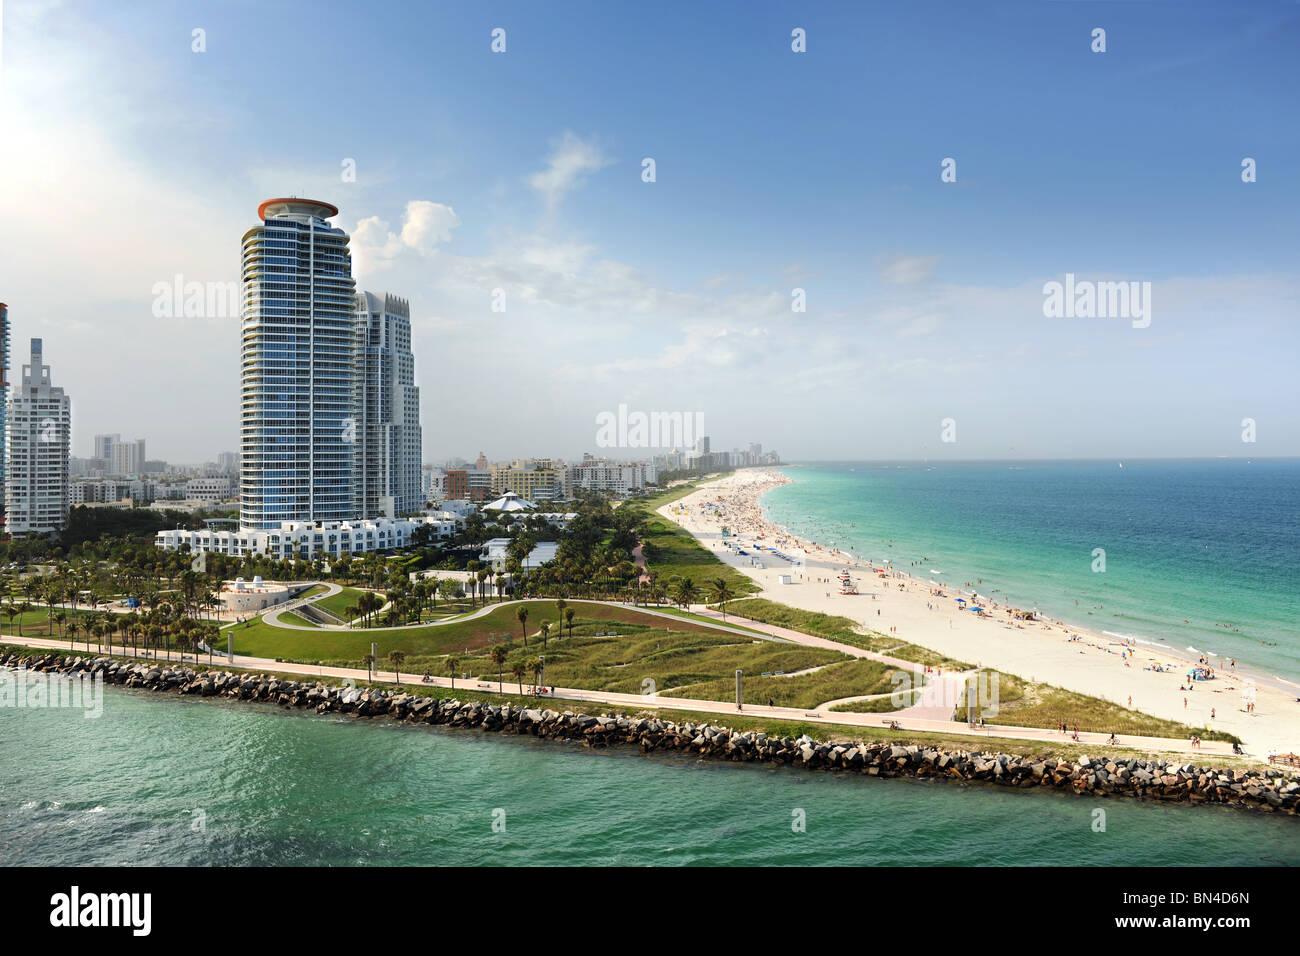 Miami Beach en Floride avec des appartements de luxe et des voies navigables Photo Stock